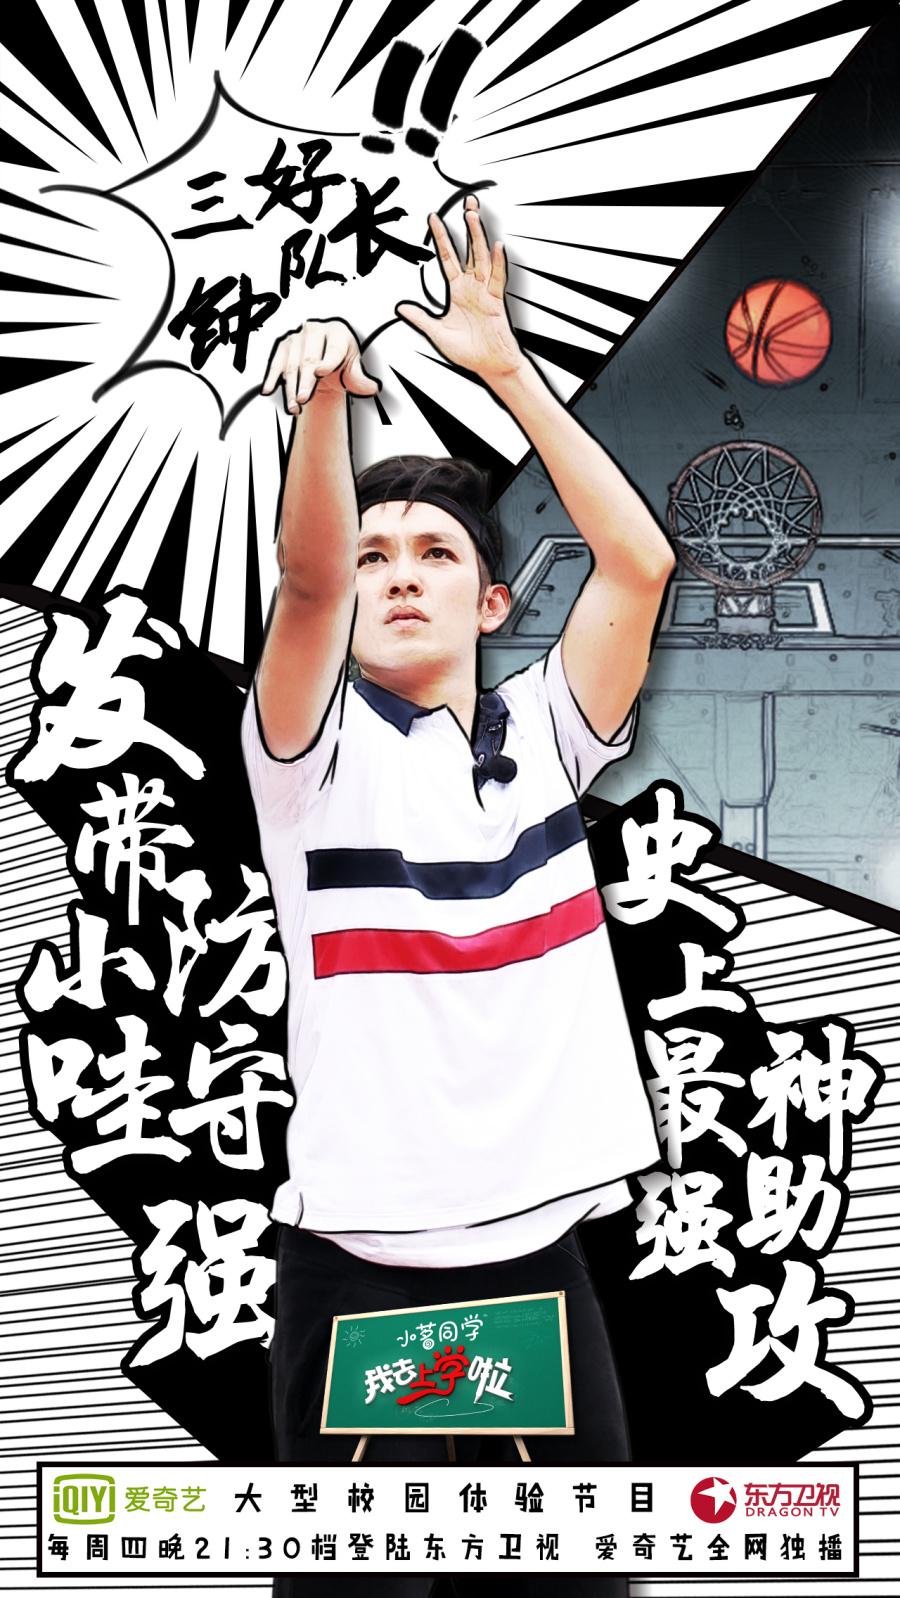 篮球海报-我去上学啦第一季|年级|漫画|nikil-原交际口语四平面漫画图片